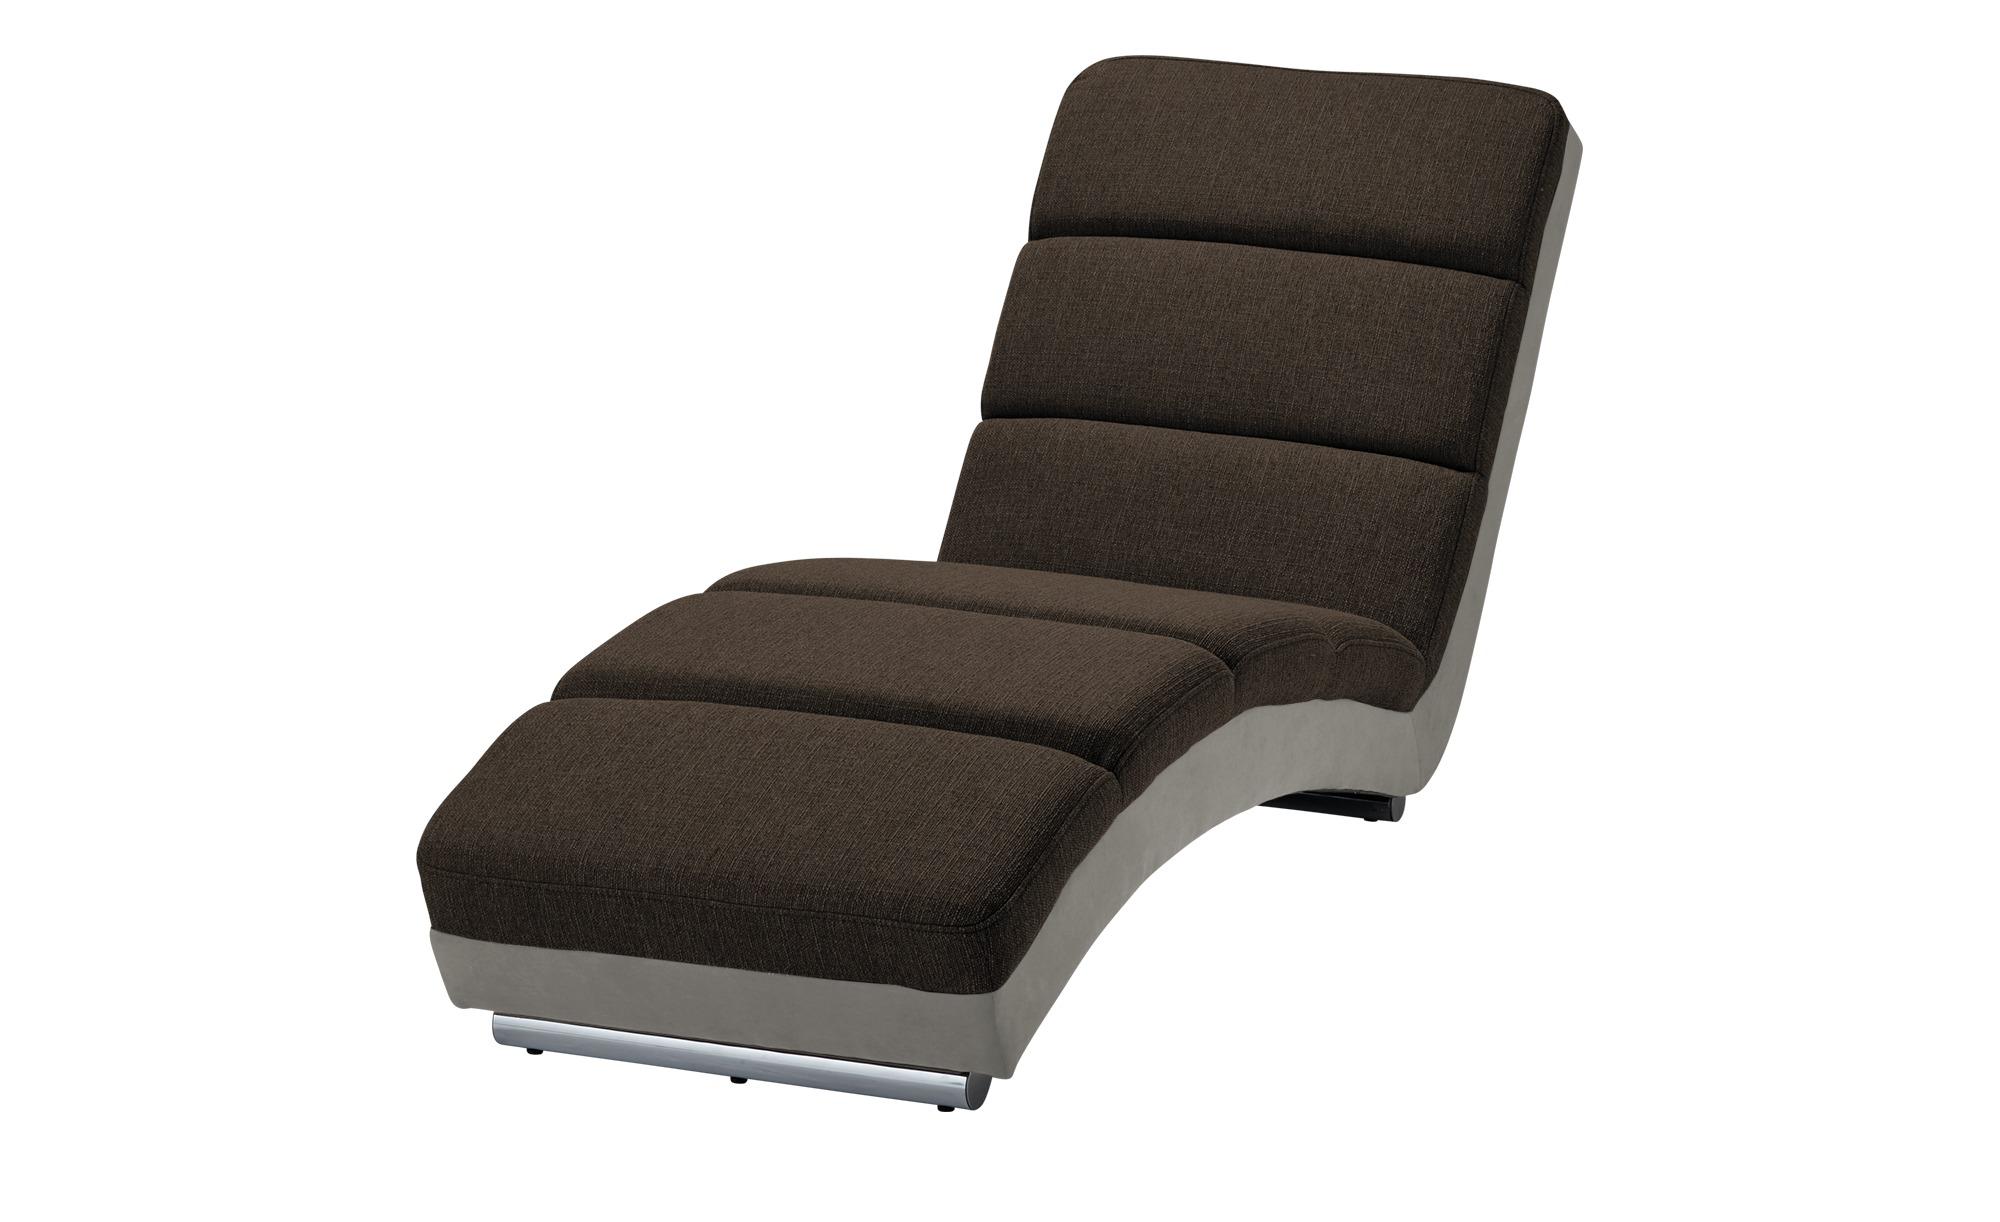 switch Relaxliege  Holiday ¦ Maße (cm): B: 61 H: 80 T: 175 Polstermöbel > Relaxliegen - Höffner | Wohnzimmer > Sessel > Relaxliegen | Webstoff | Möbel Höffner DE